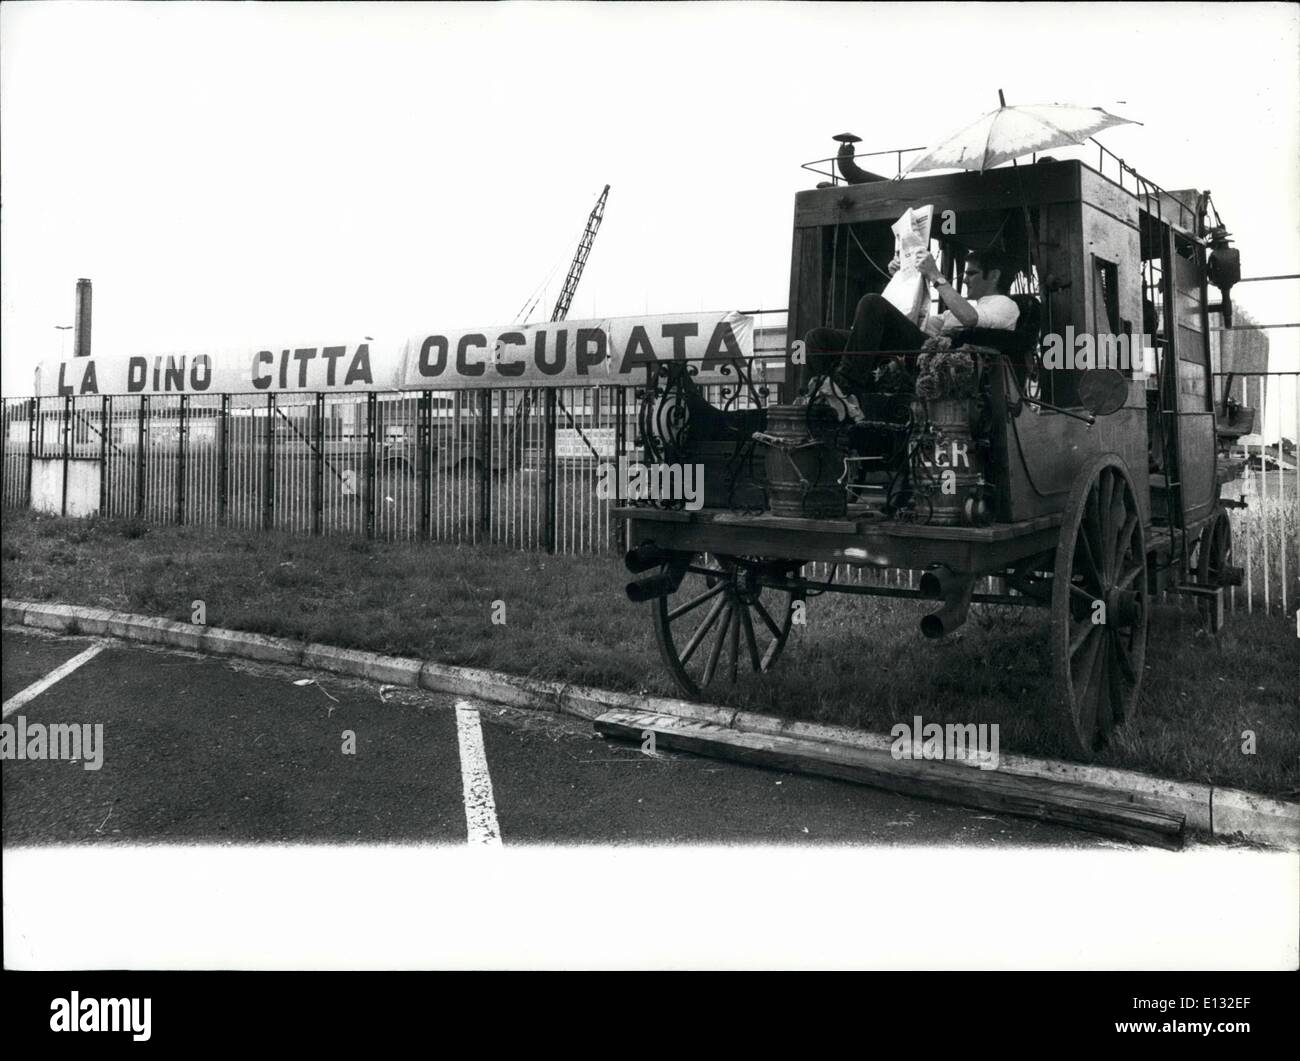 El 26 de febrero de 2012 - el más moderno cine-estudios de 'Dinccitta' cerca de Roma han sido vendidos por el productor Cene De Laurentiss que pro Imagen De Stock